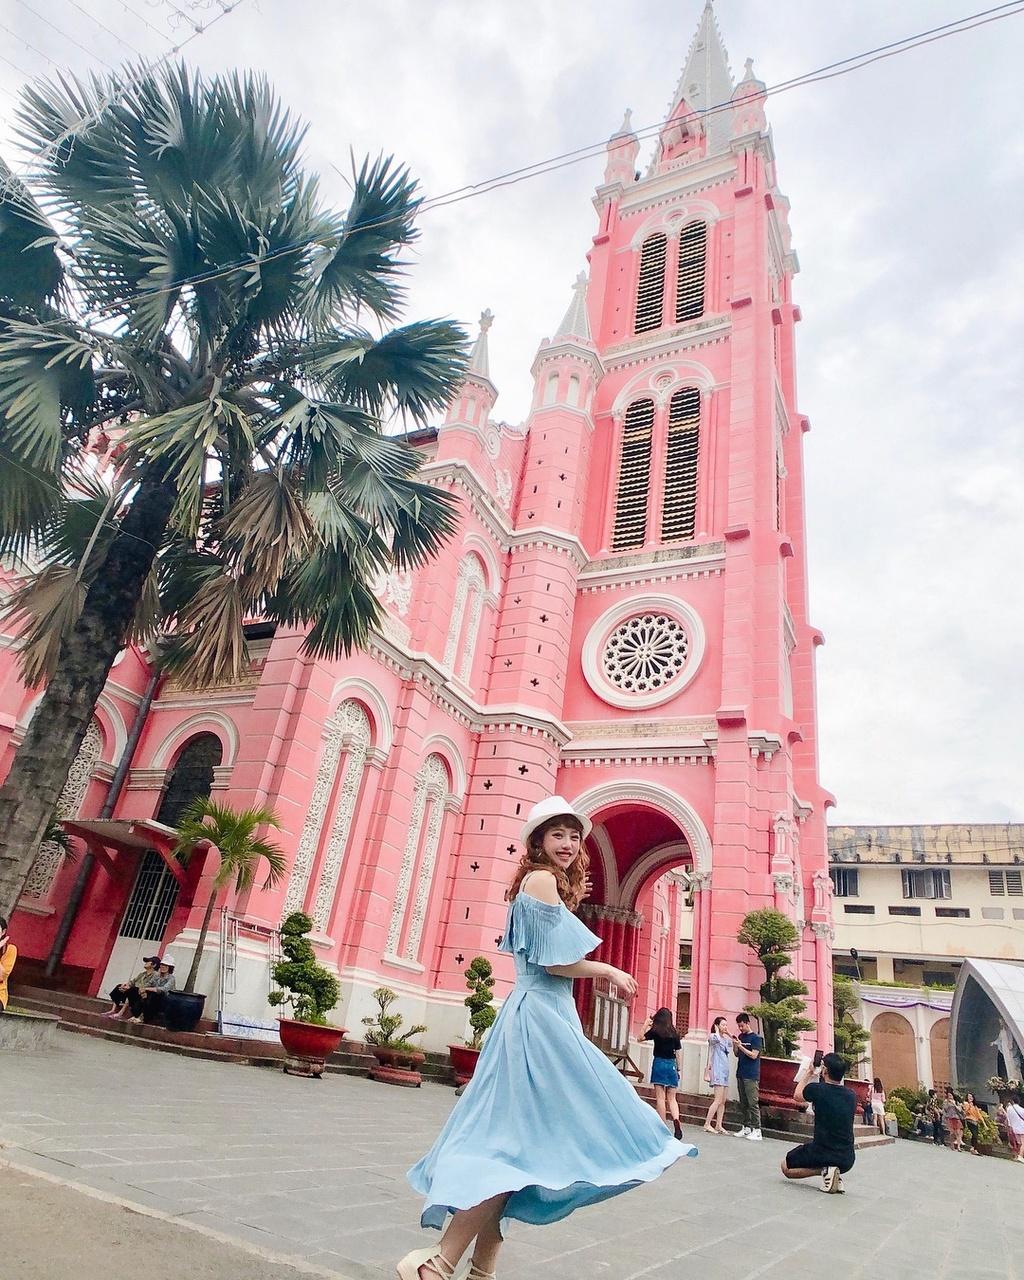 7 diem du lich Viet duoc truyen thong nuoc ngoai ca ngoi nam 2019 hinh anh 12  - eatzzz7_ - 7 điểm du lịch Việt được truyền thông nước ngoài ca ngợi năm 2019